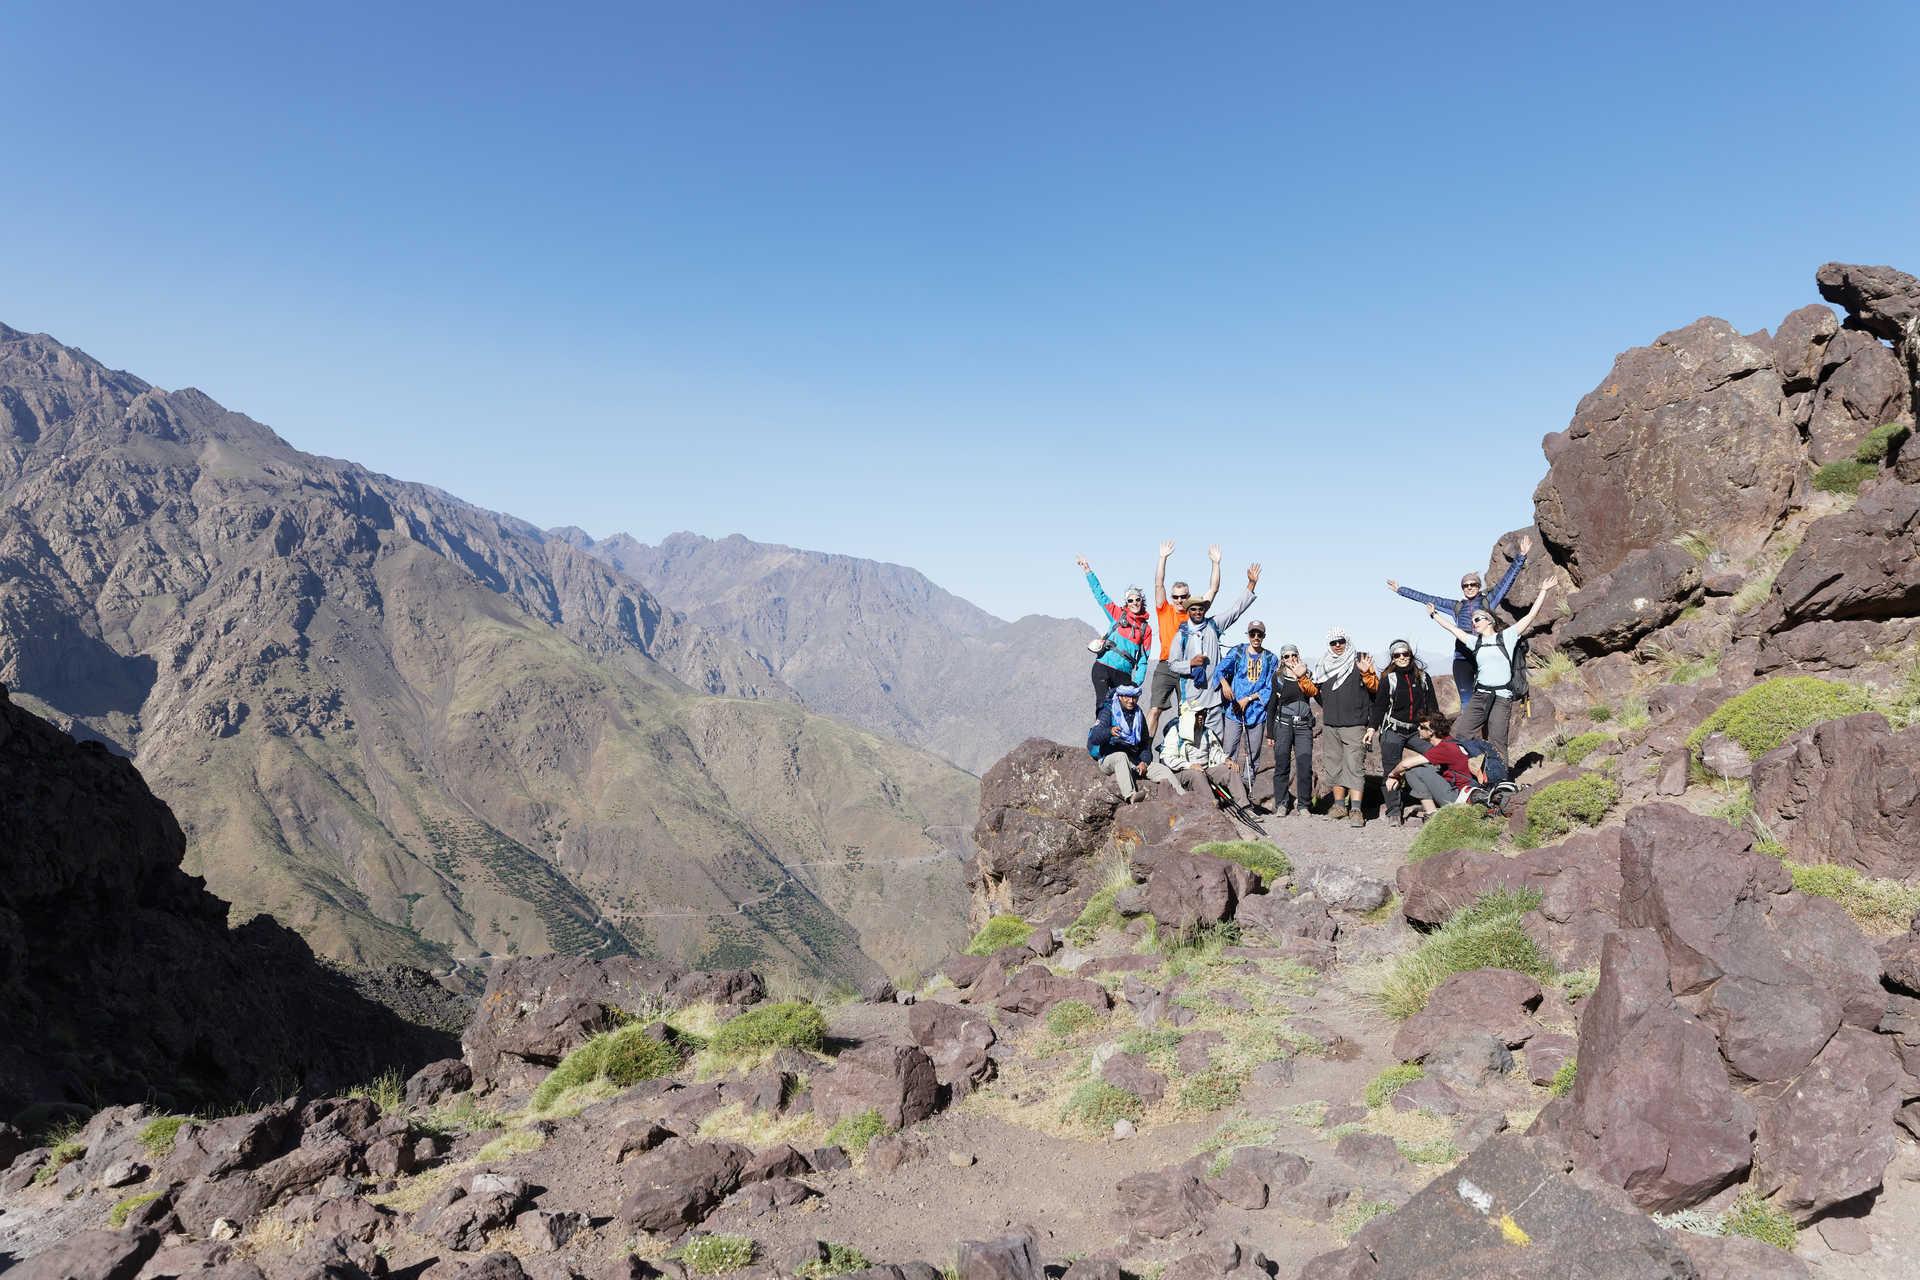 L'équipe Huwans au cœur de l'Atlas, Maroc